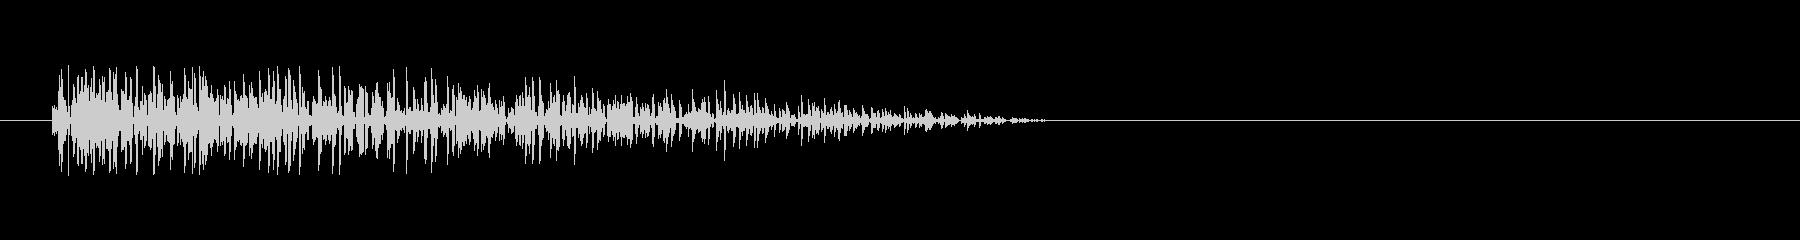 8bitの爆発音 ボーンの未再生の波形